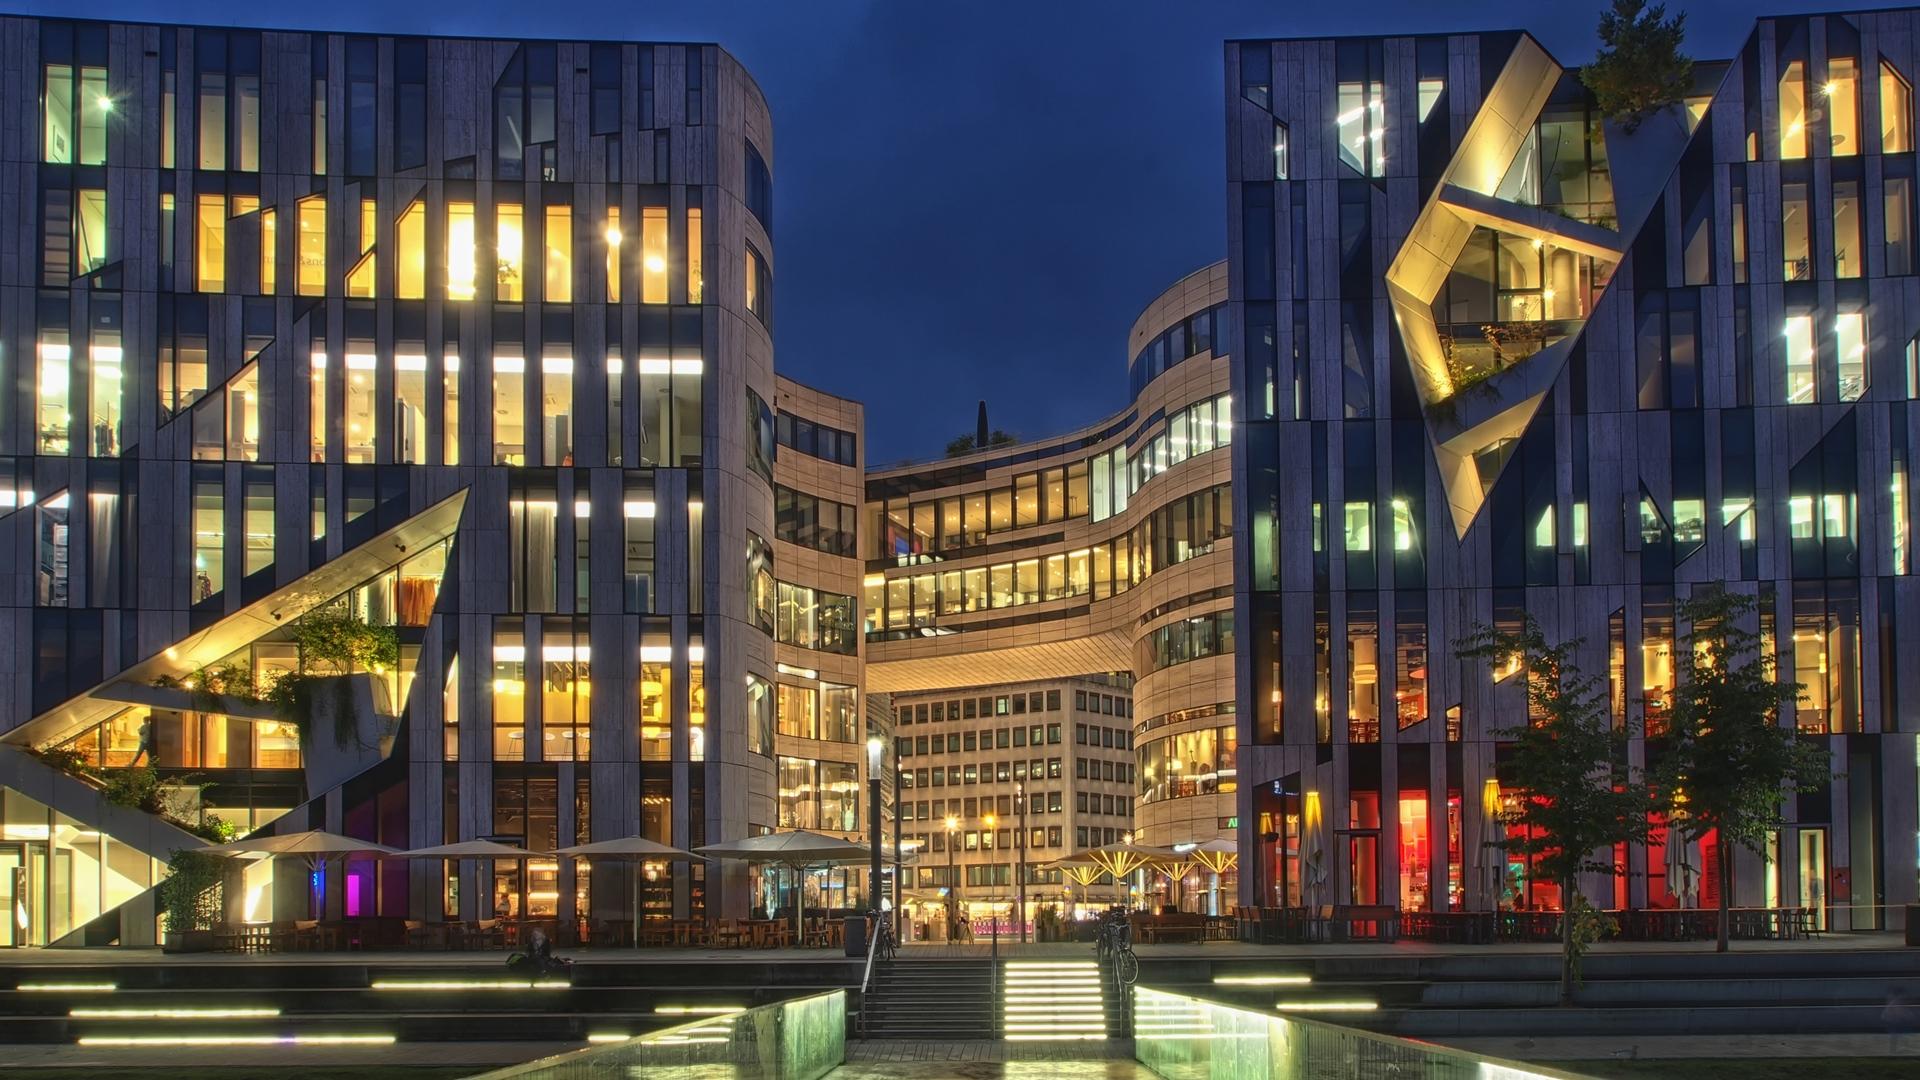 Neues Einkaufszentrum in Dsseldorf.